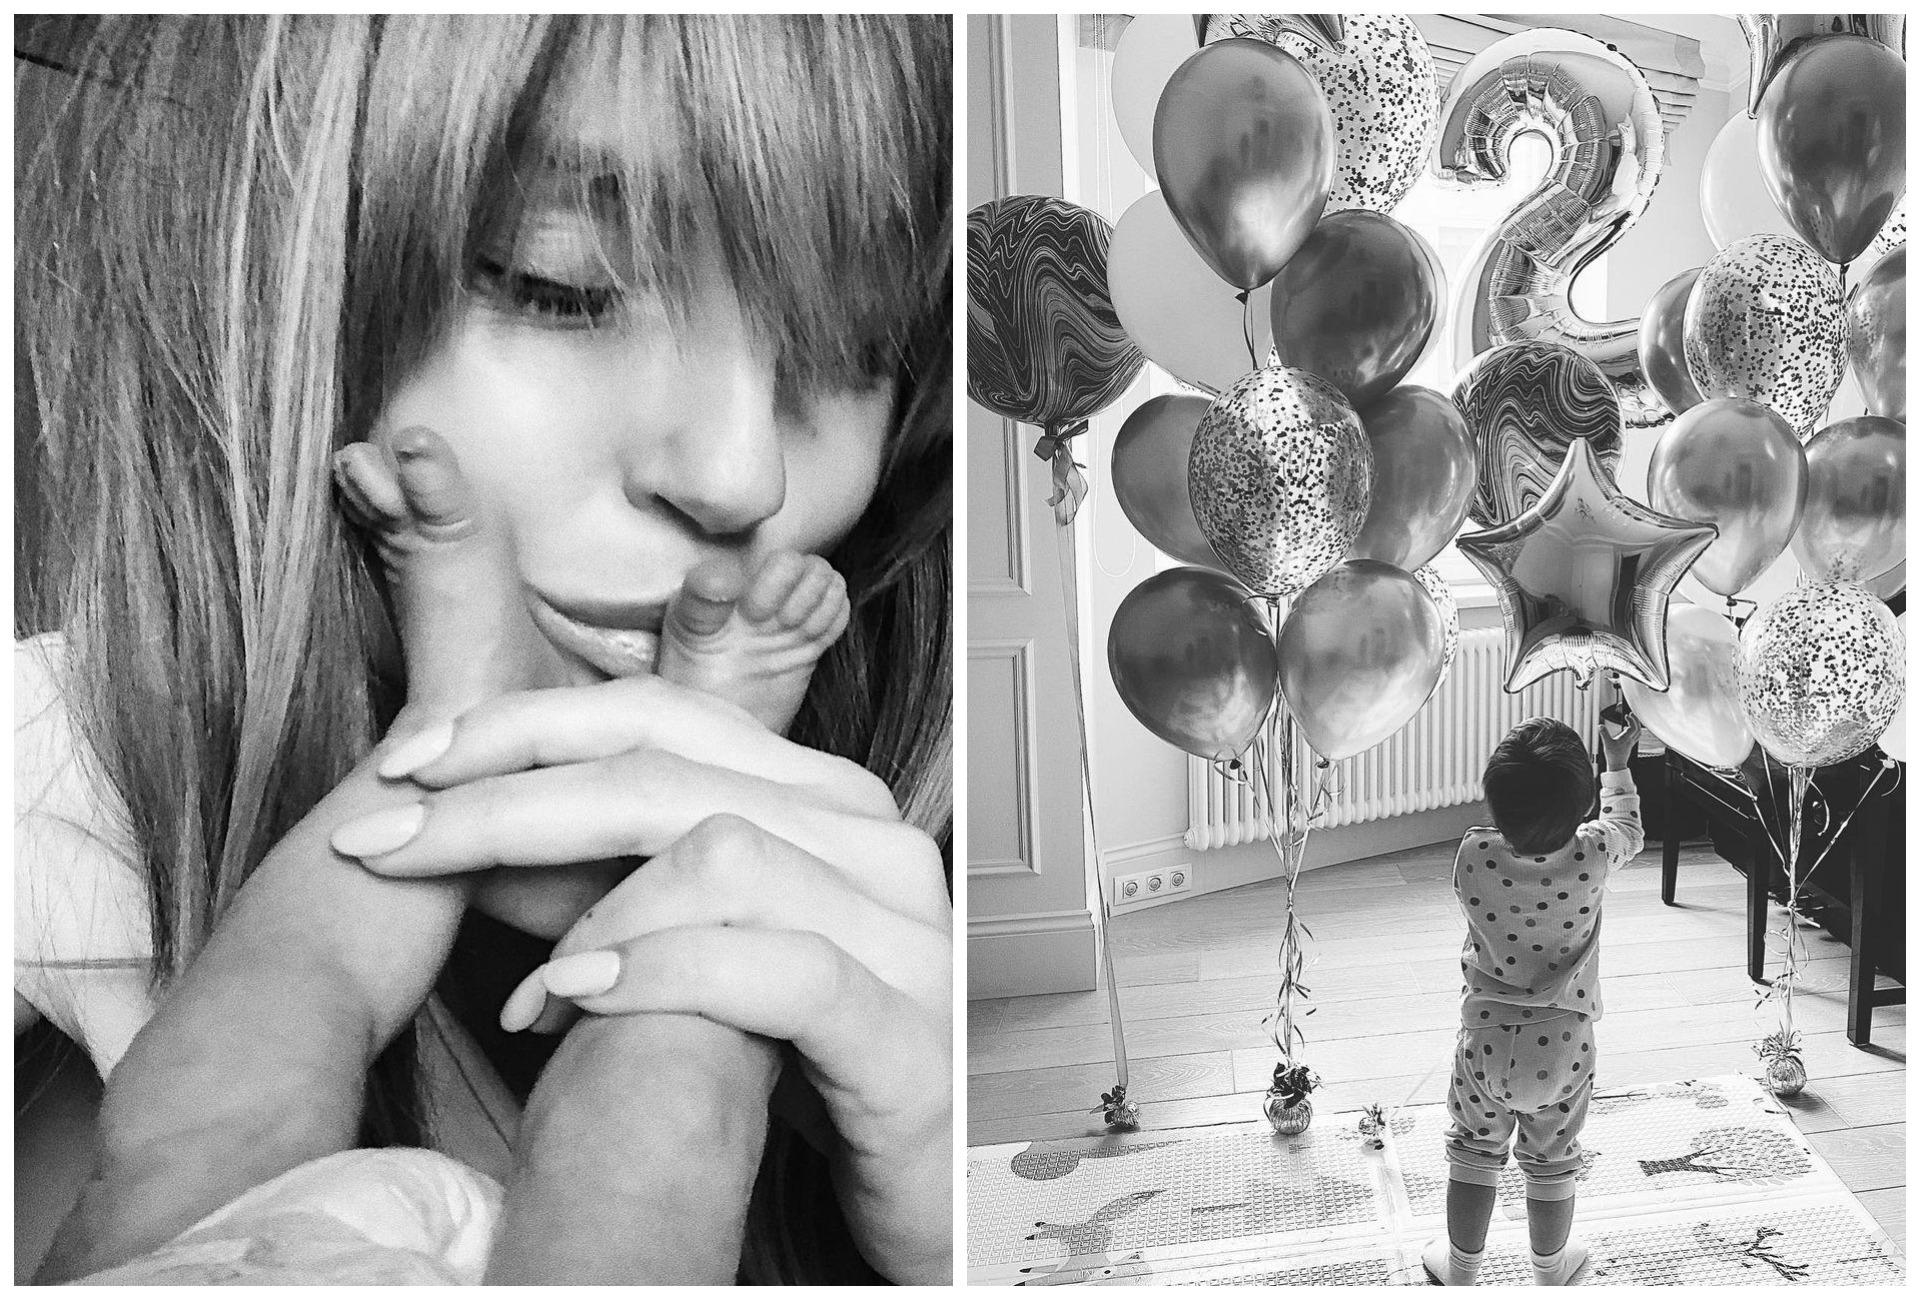 Саша Савельева и Кирилл Сафонов отпраздновали день рождения сына